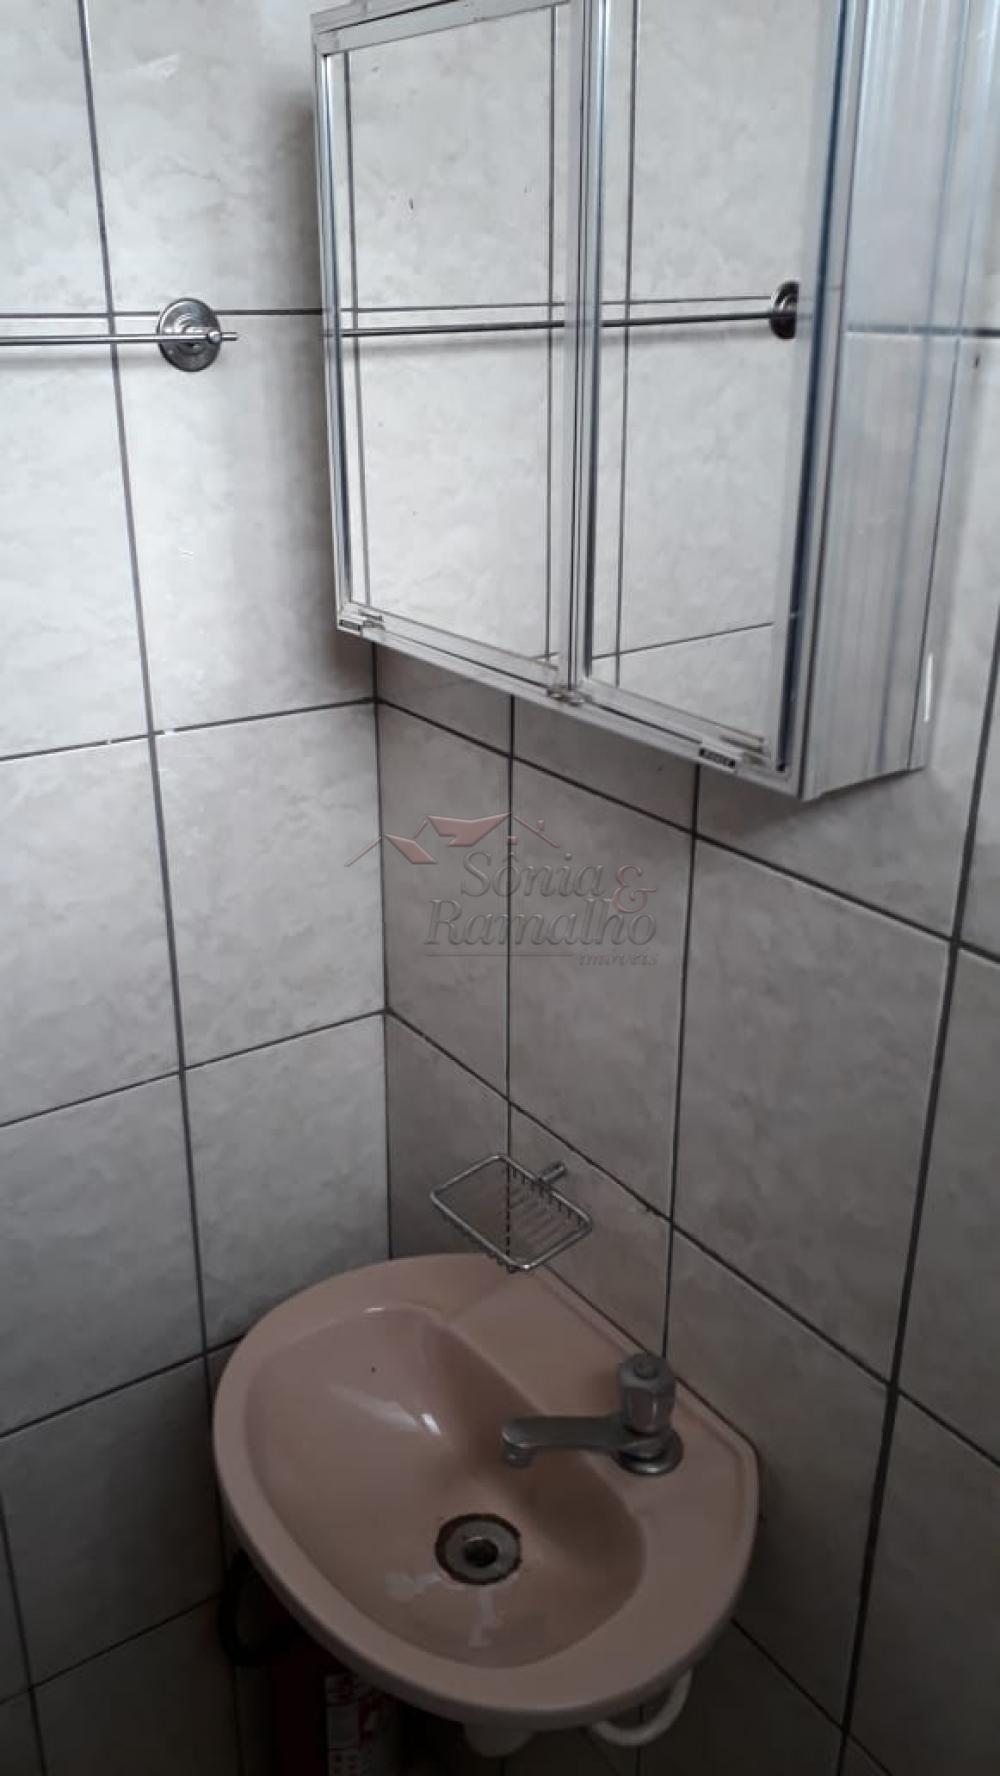 Alugar Comercial / Sala em Ribeirão Preto apenas R$ 850,00 - Foto 13